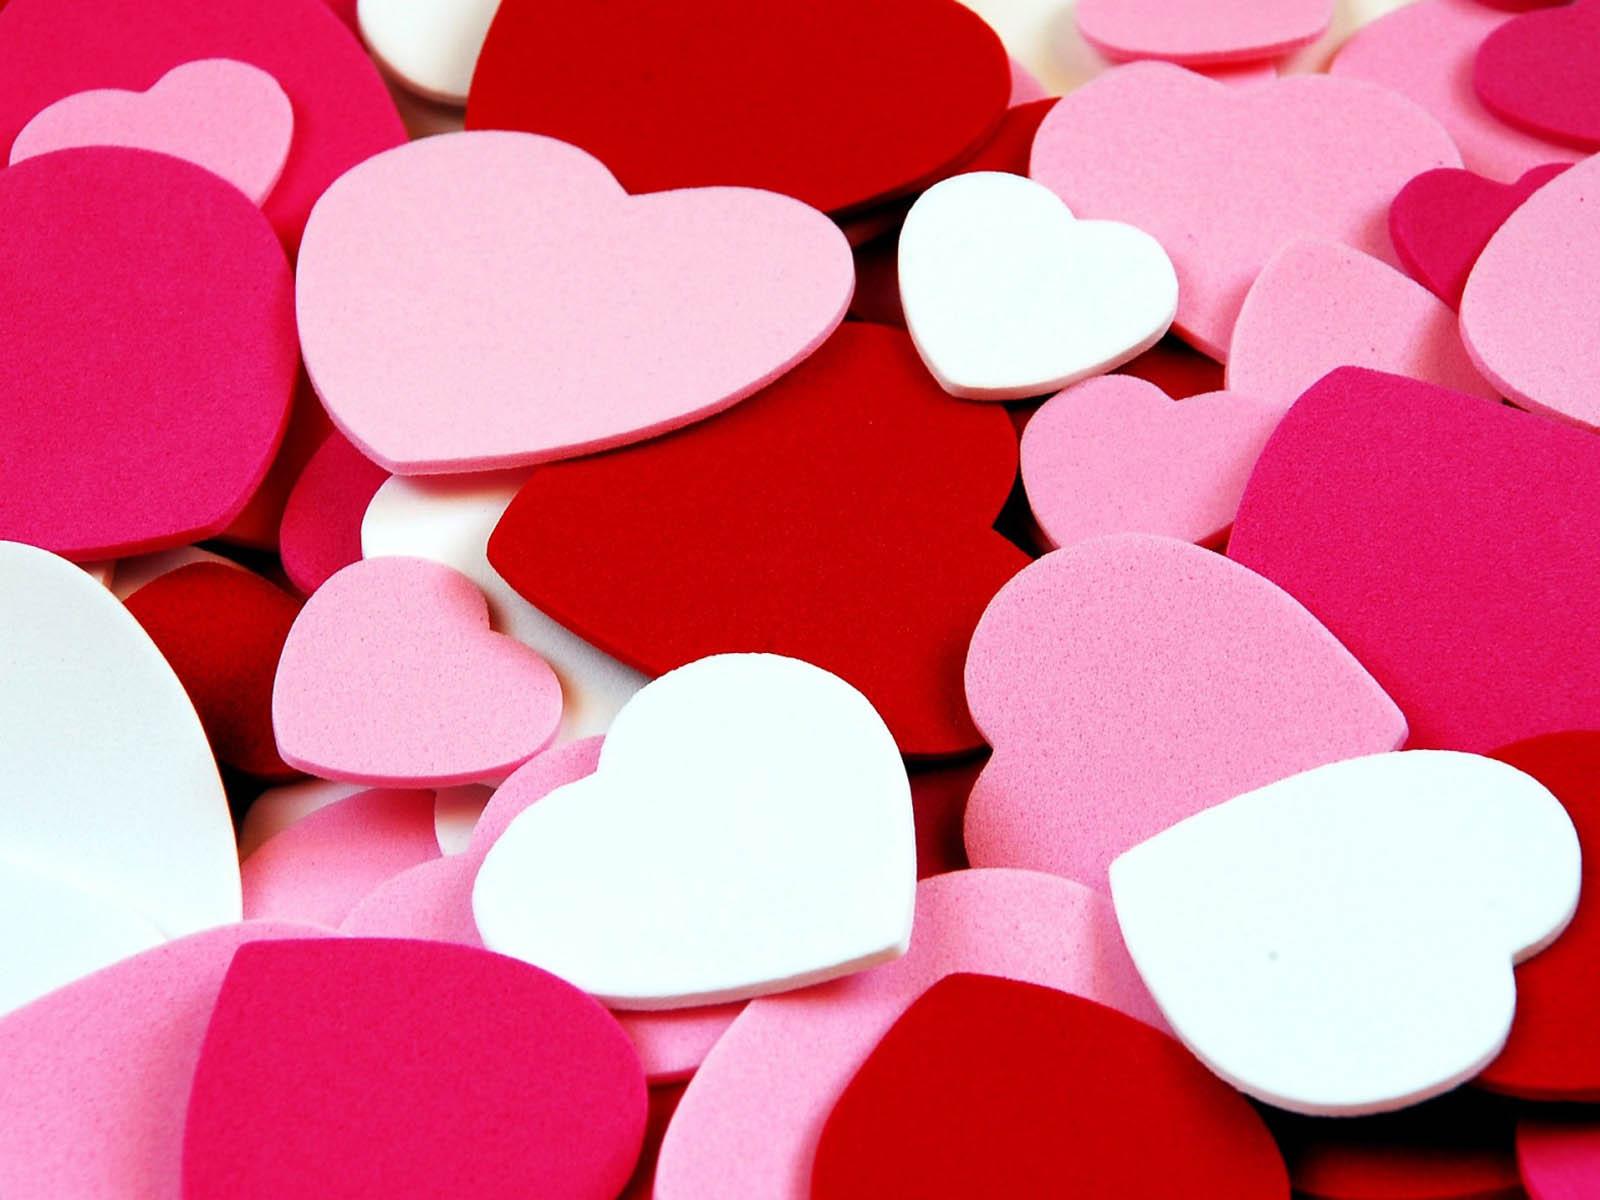 Wallpaper Of Love Heart Wallpapersafari